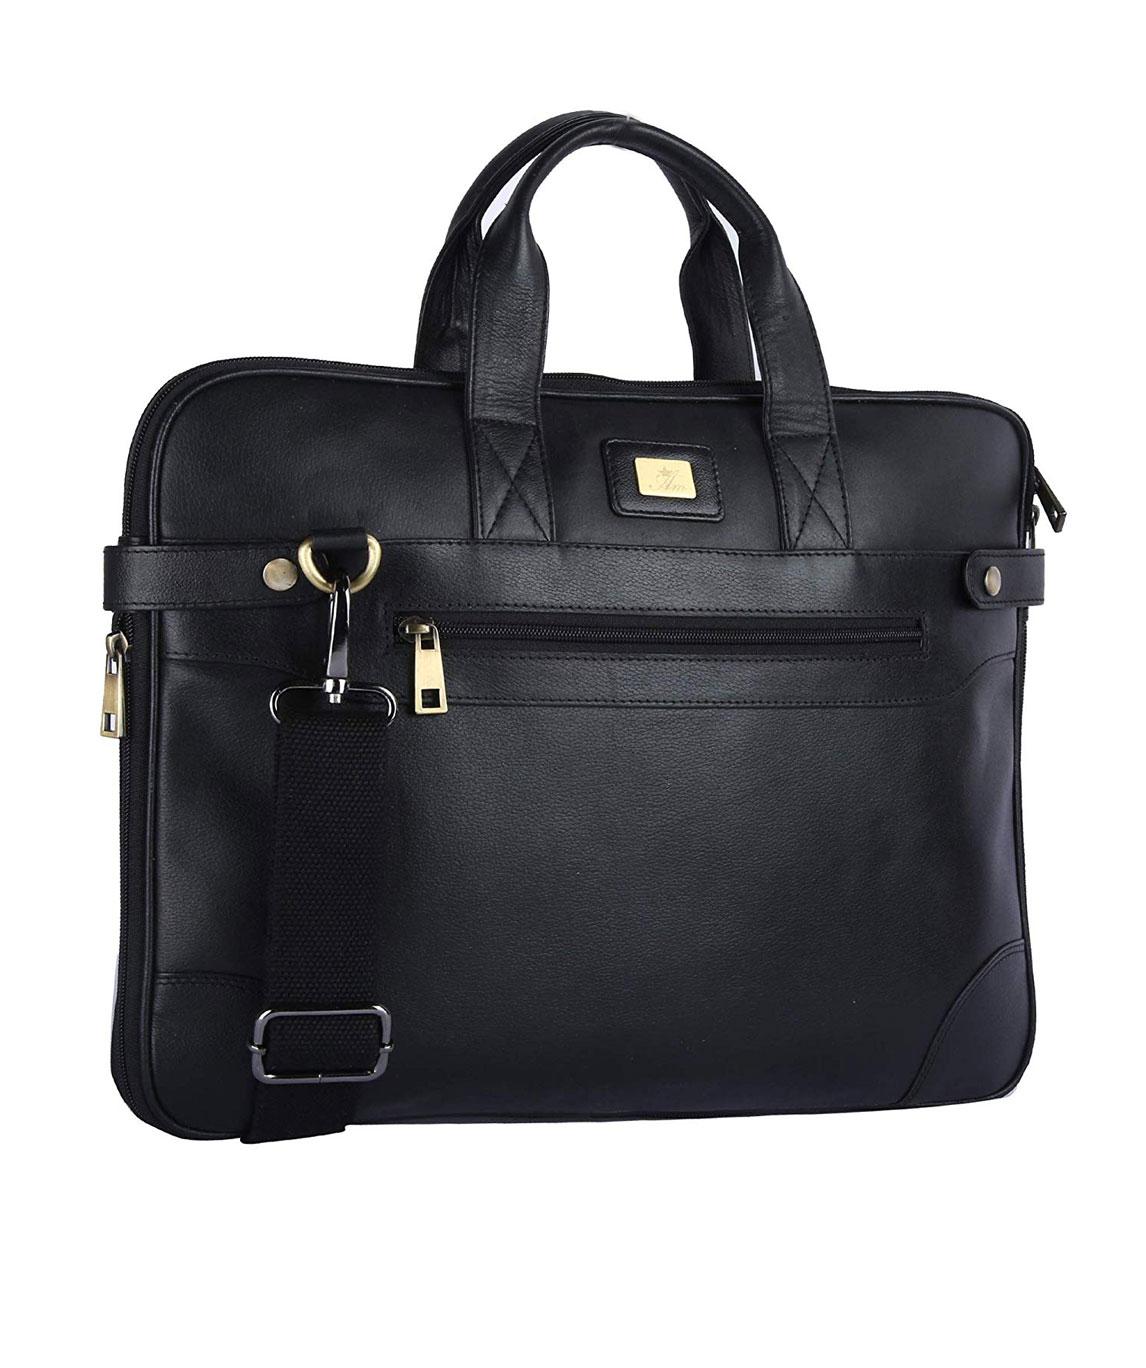 AM LEATHER Black Men`s Leather Shoulder Messenger Laptop Bag Business Bag from AM LEATHER